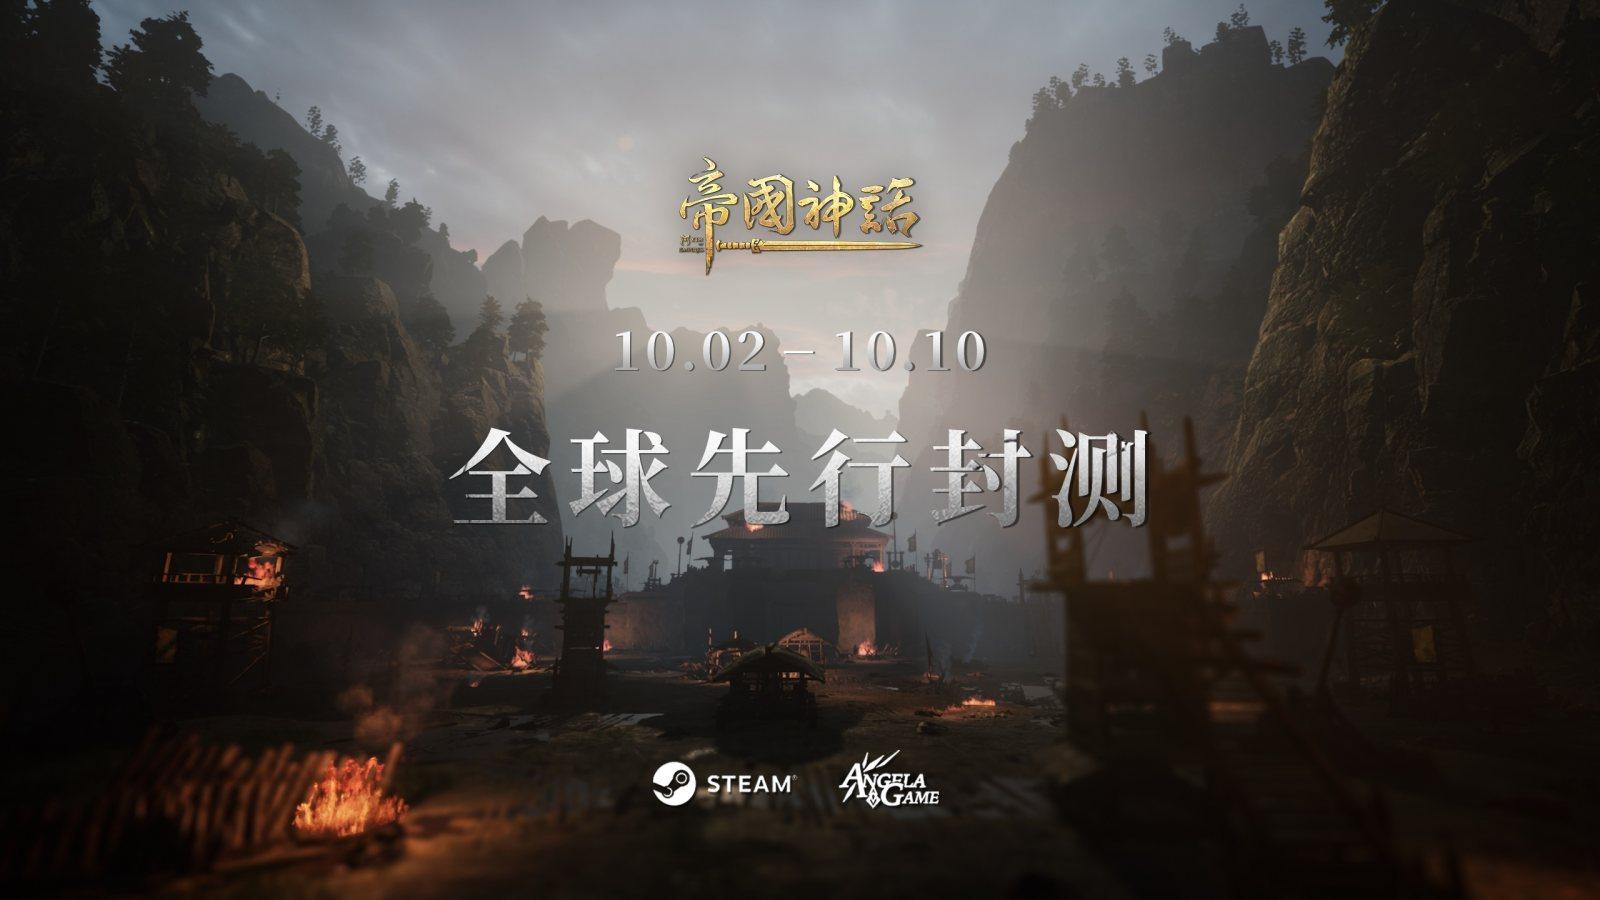 冷兵器战争沙盒游戏《帝国神话》将于10月2日开启封测